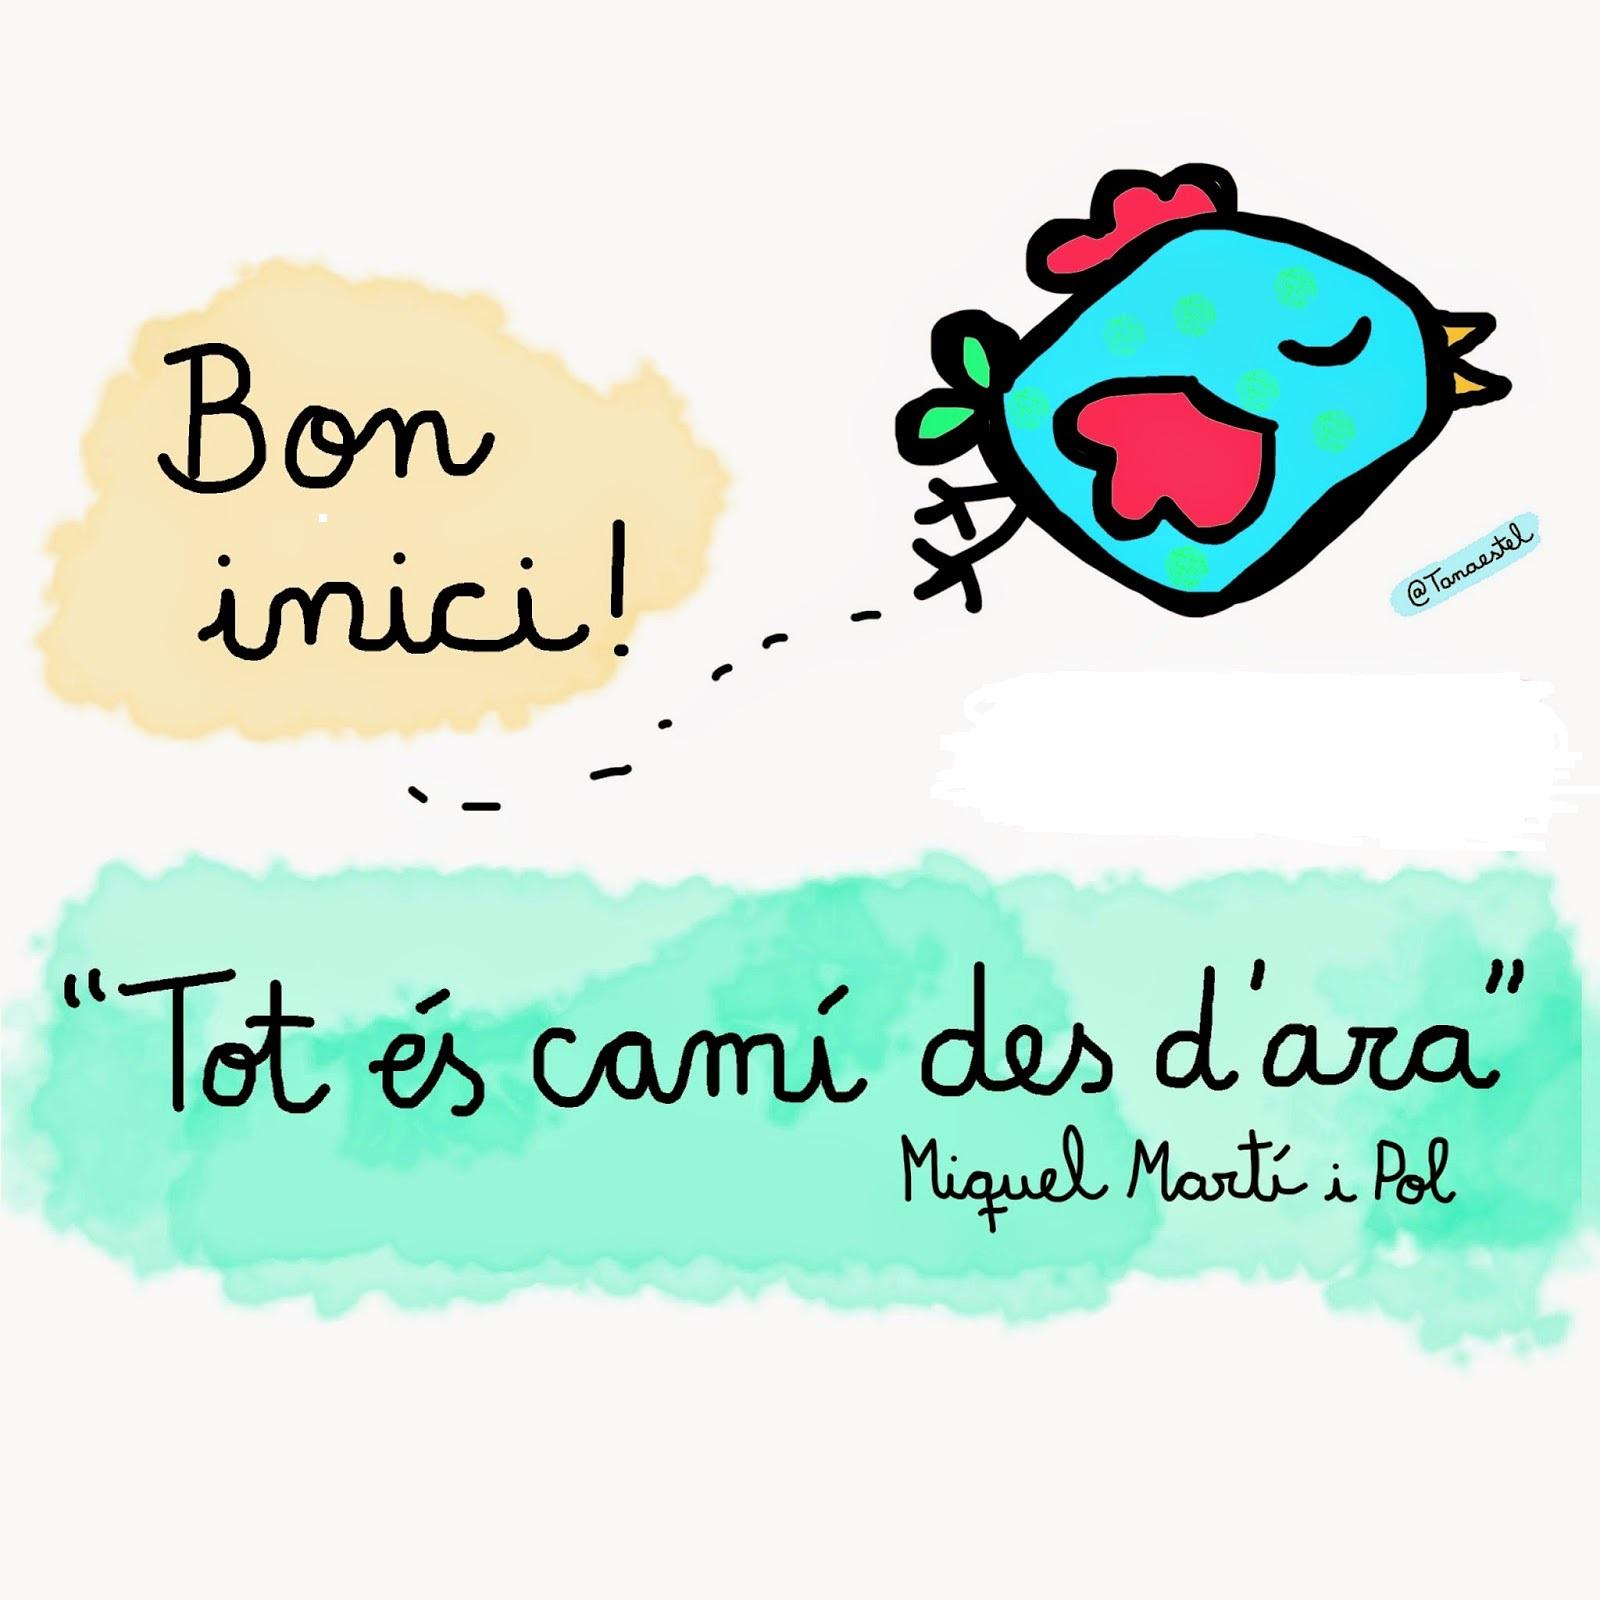 http://blocs.xtec.cat/zerbcsud/files/2015/09/bon-inici-curs.jpg